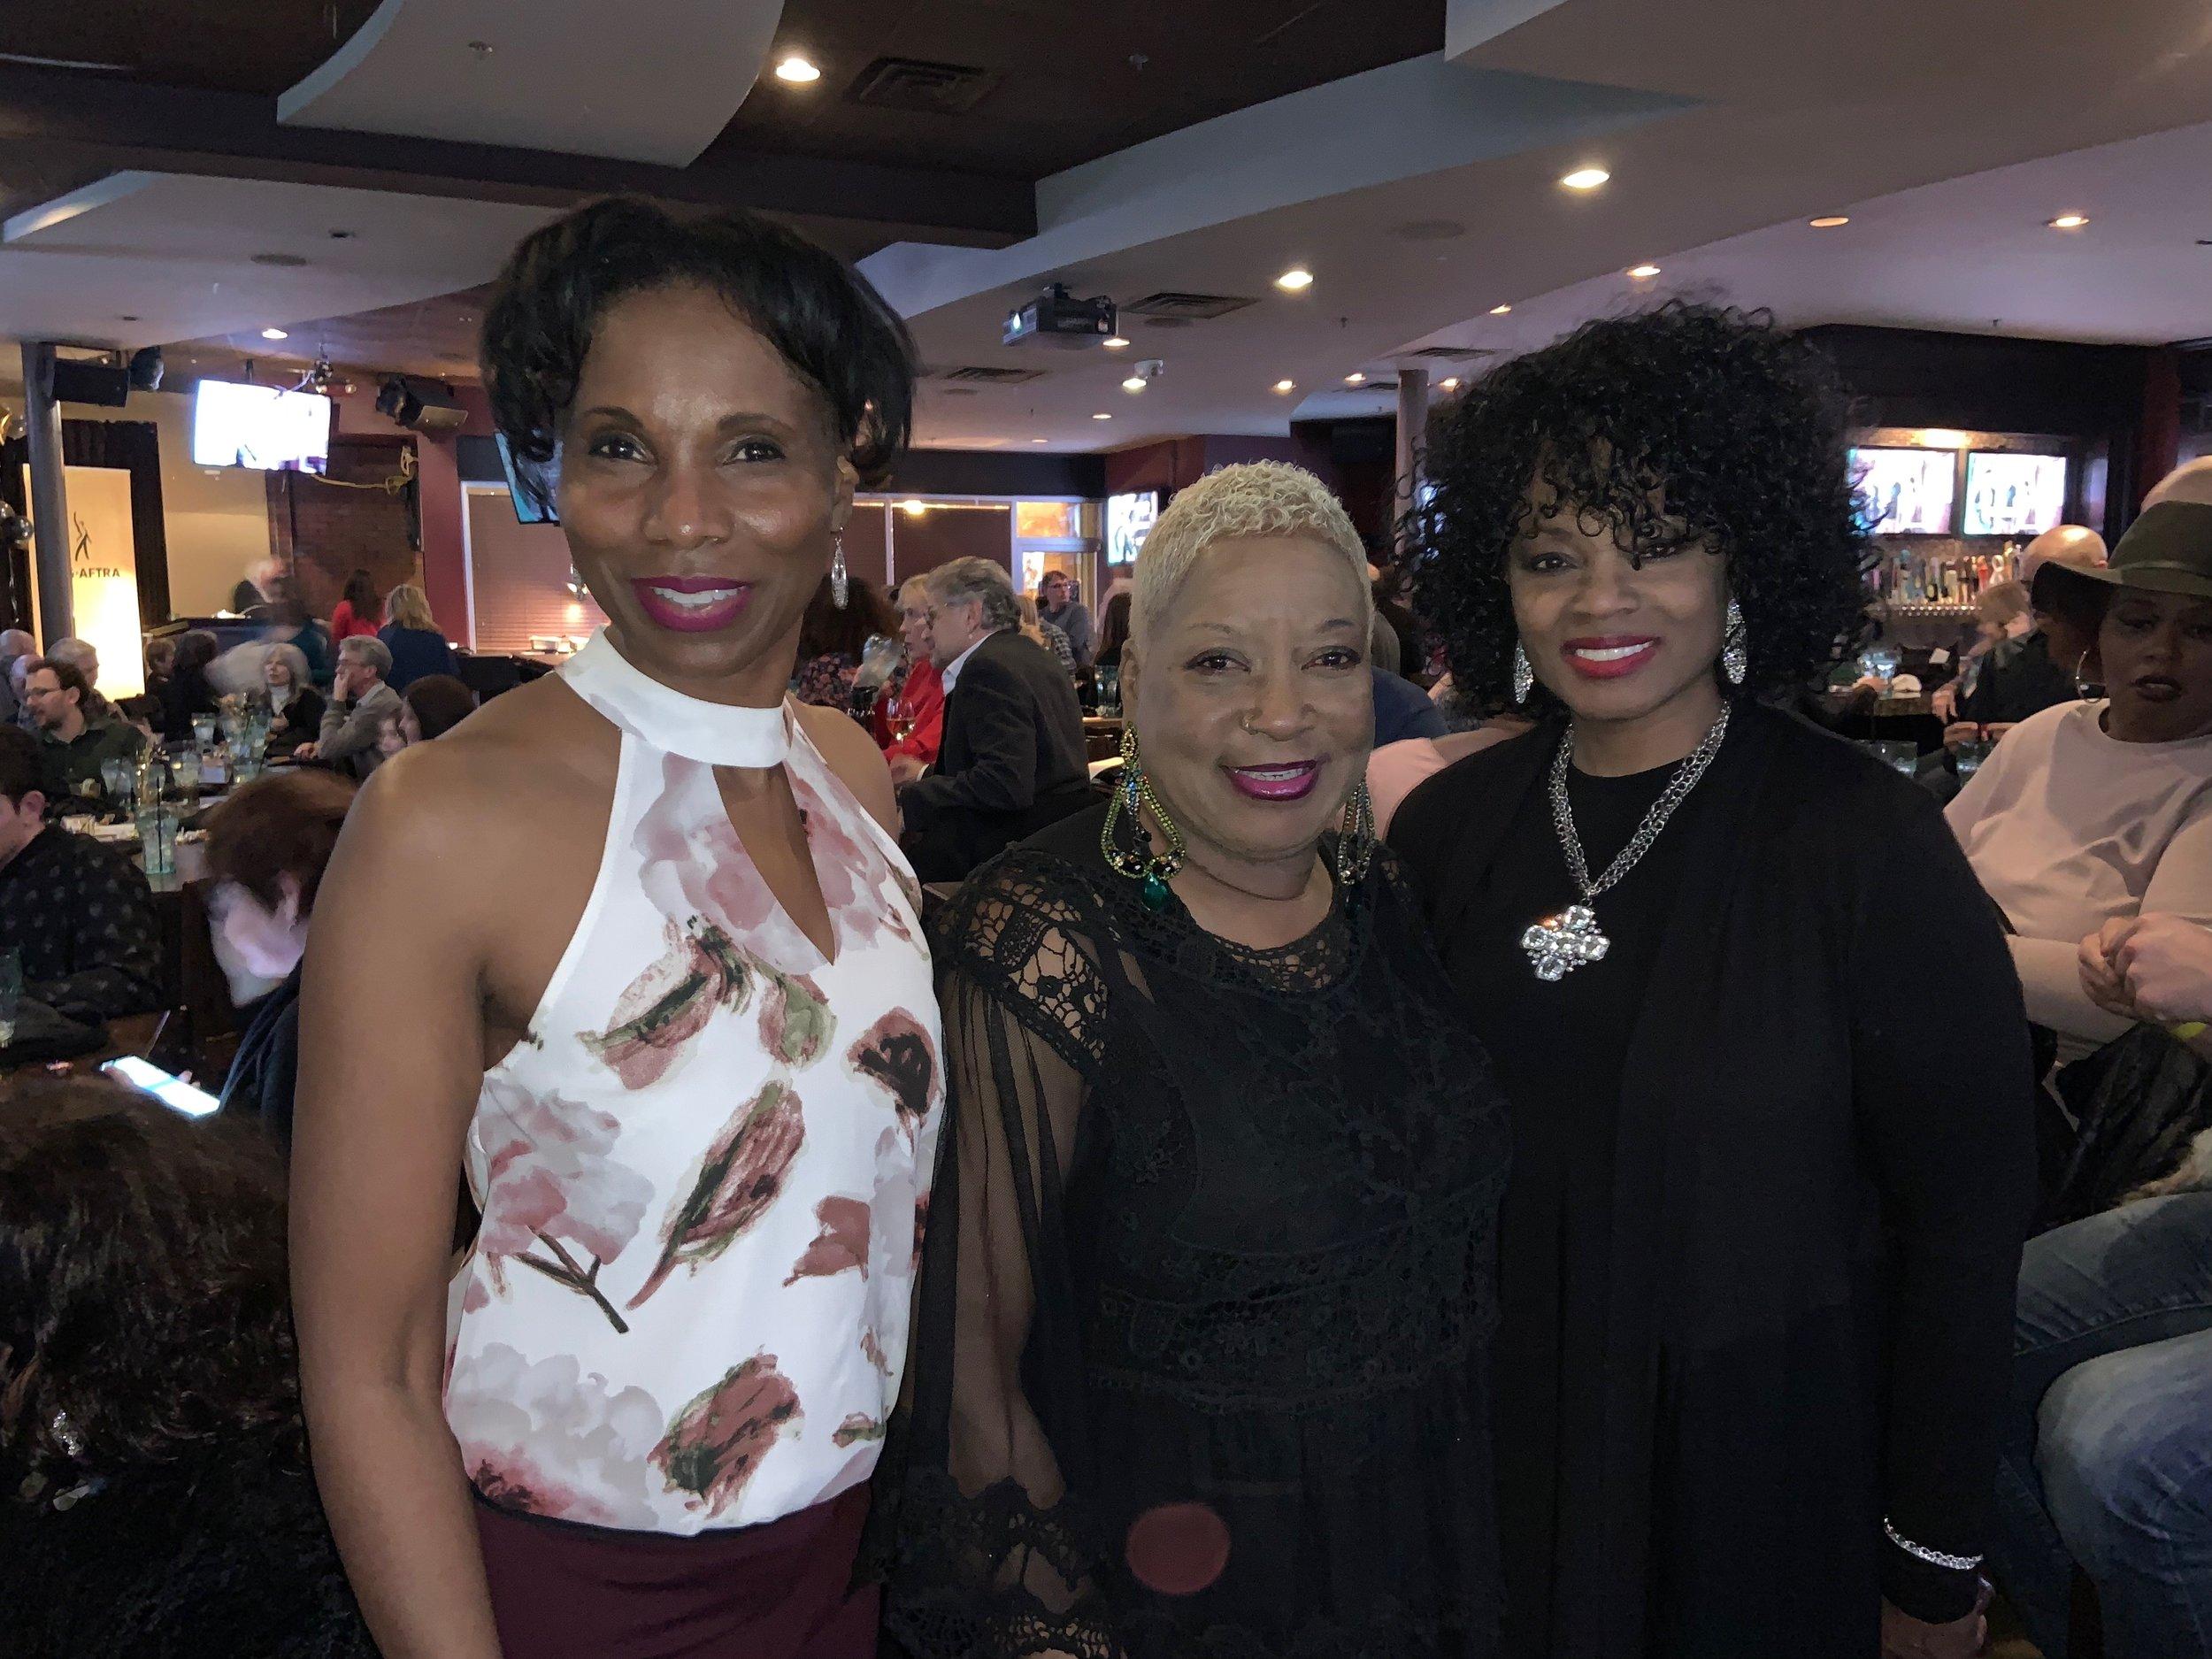 2019 SAG Awards Viewing Party in Atlanta at Hudson Grille